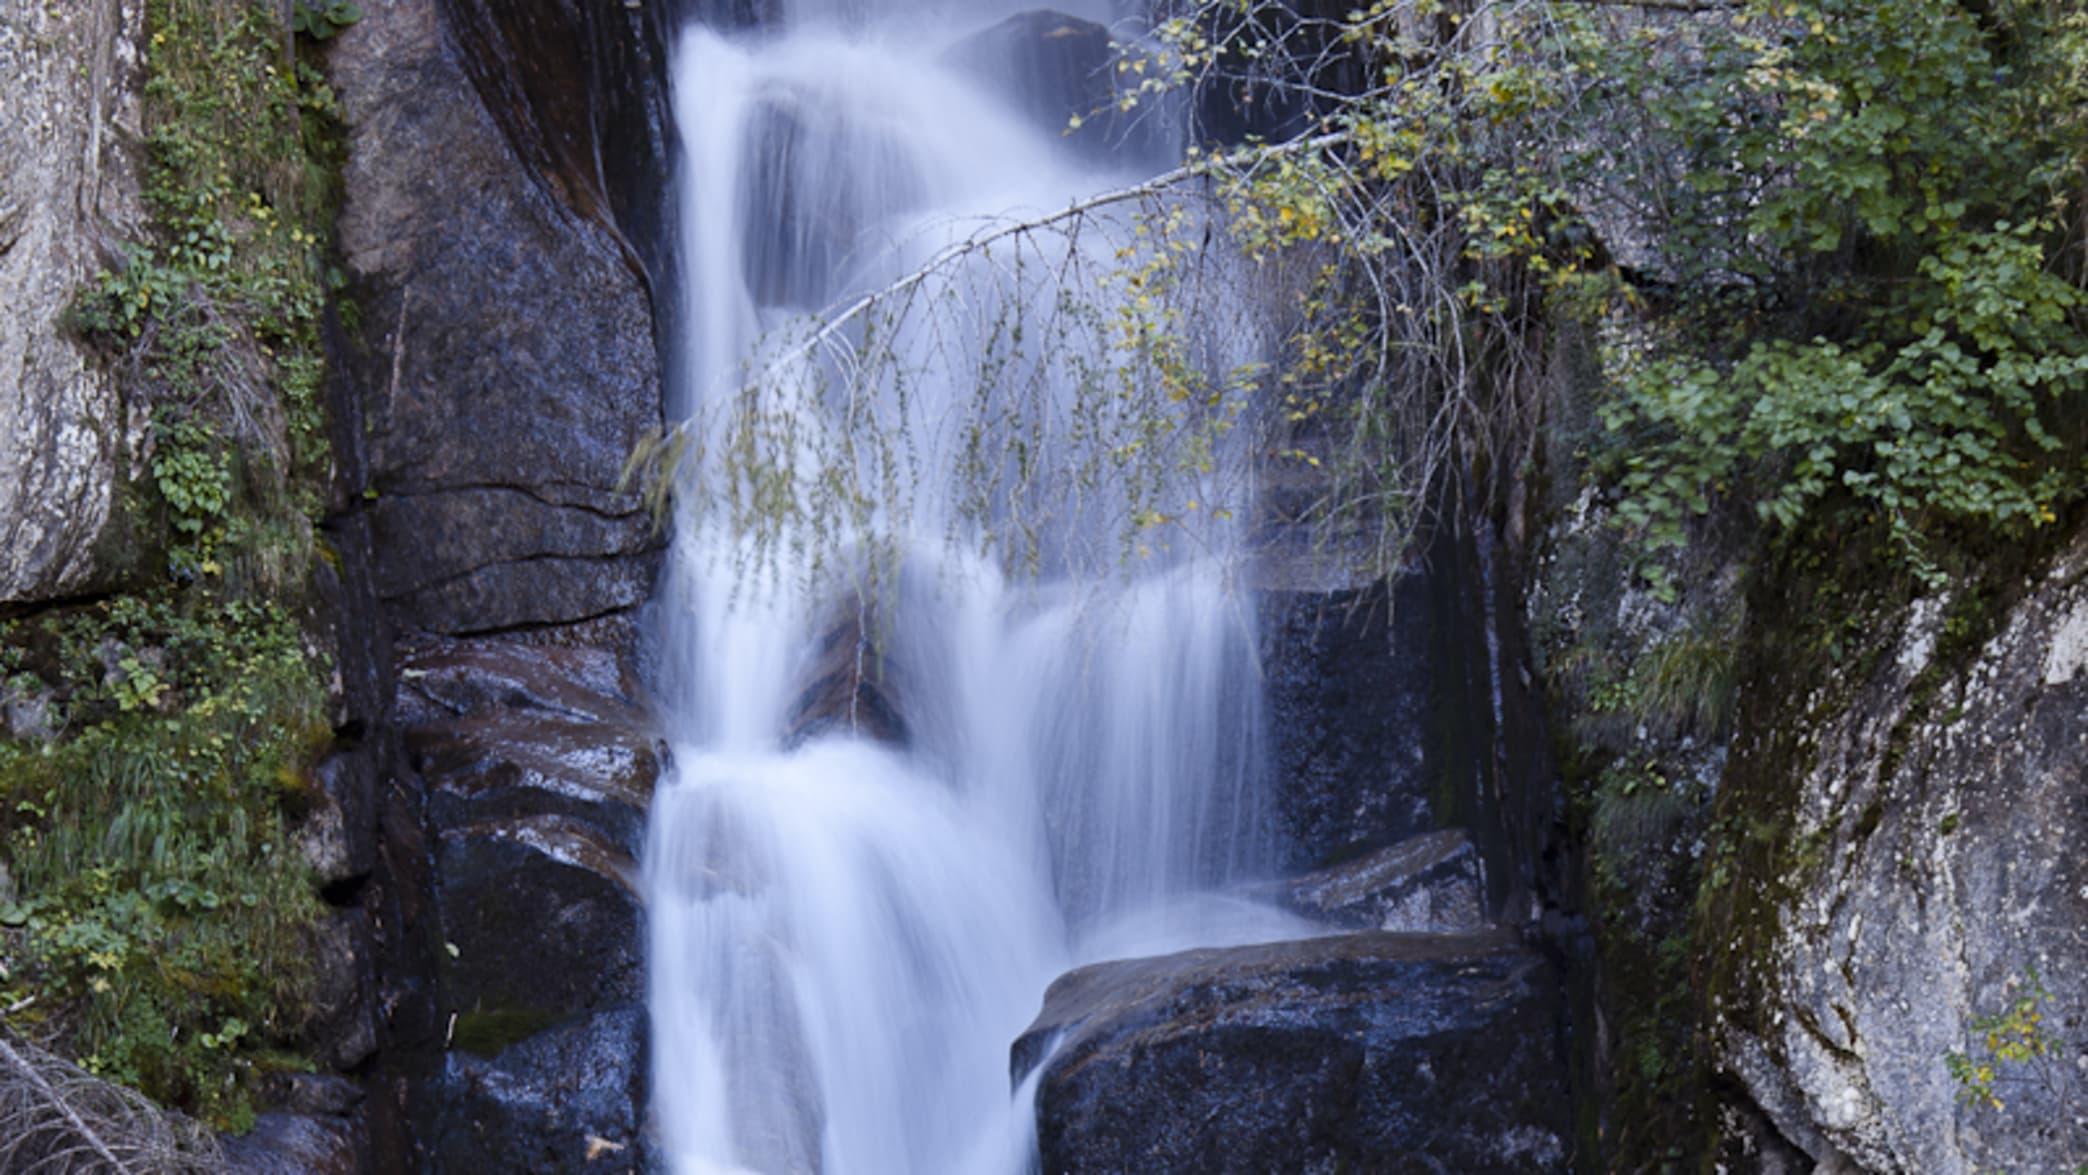 Wasserfall und eine Bank